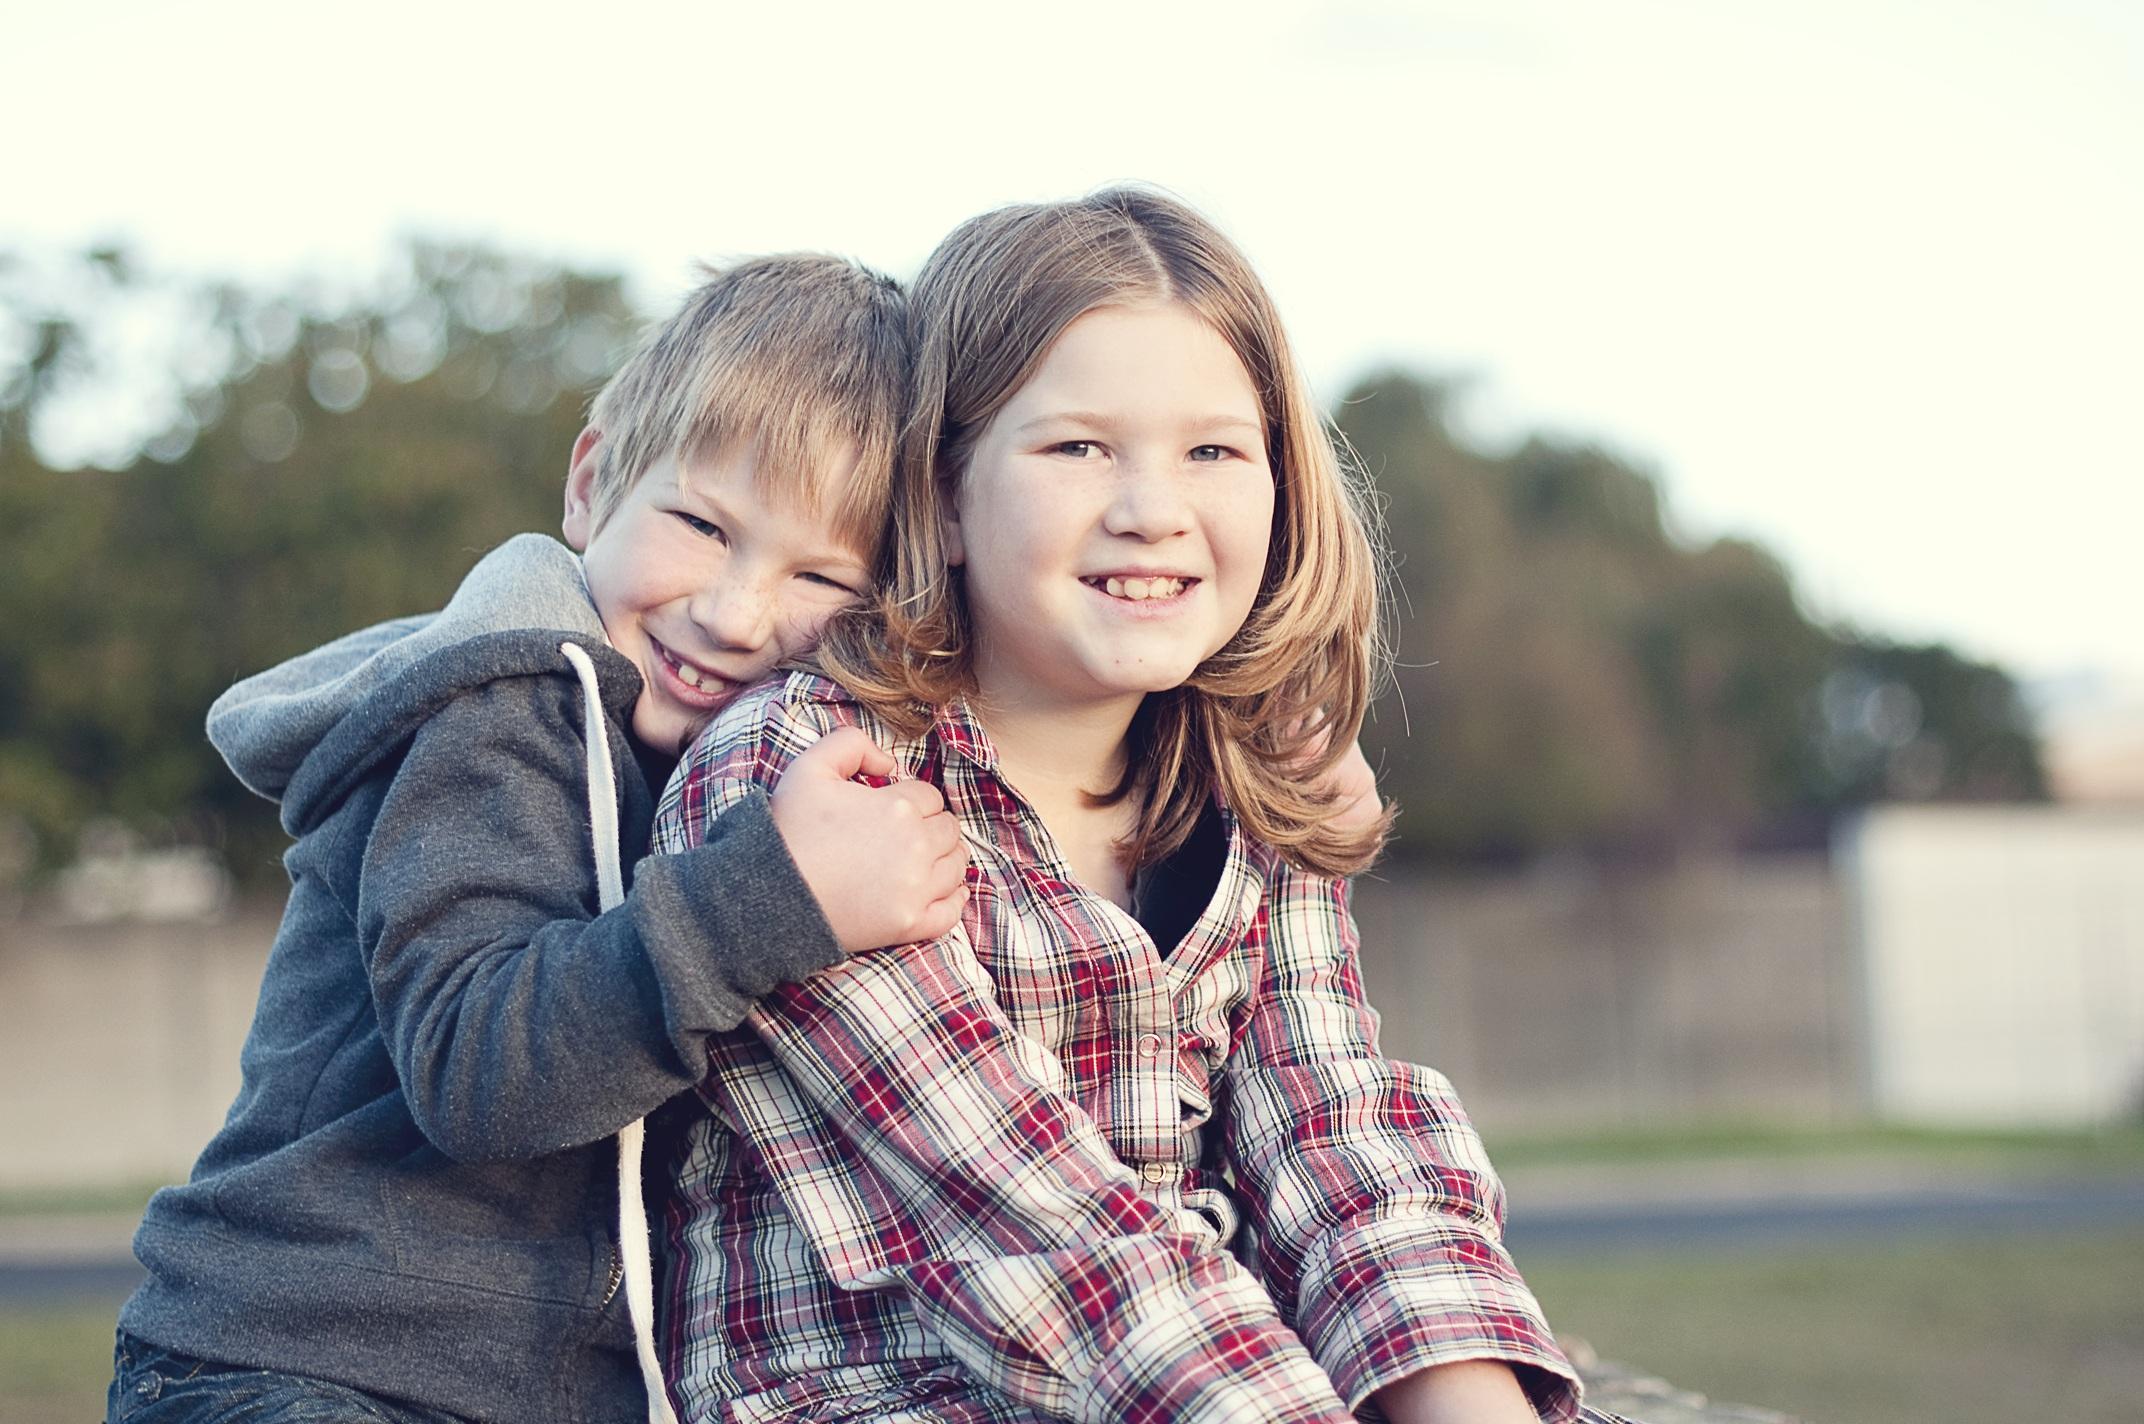 Дружба картинки девочка и мальчик